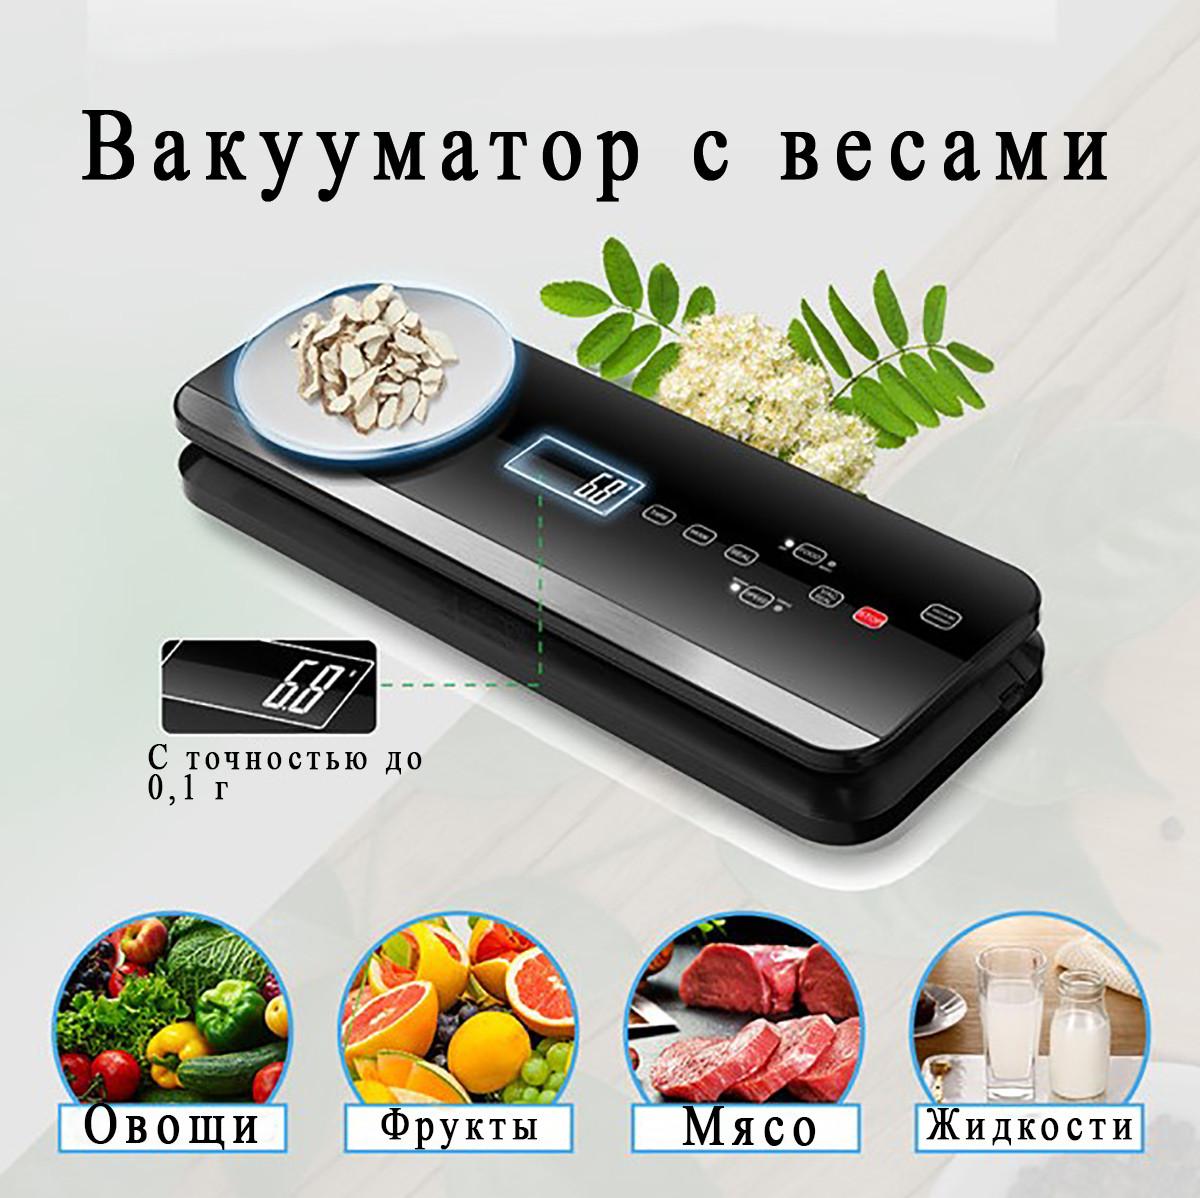 Вакууматор упаковщик еды с пакетами Wi-simple VS6680 со встроенными весами. Вакуумный упаковщик для дома